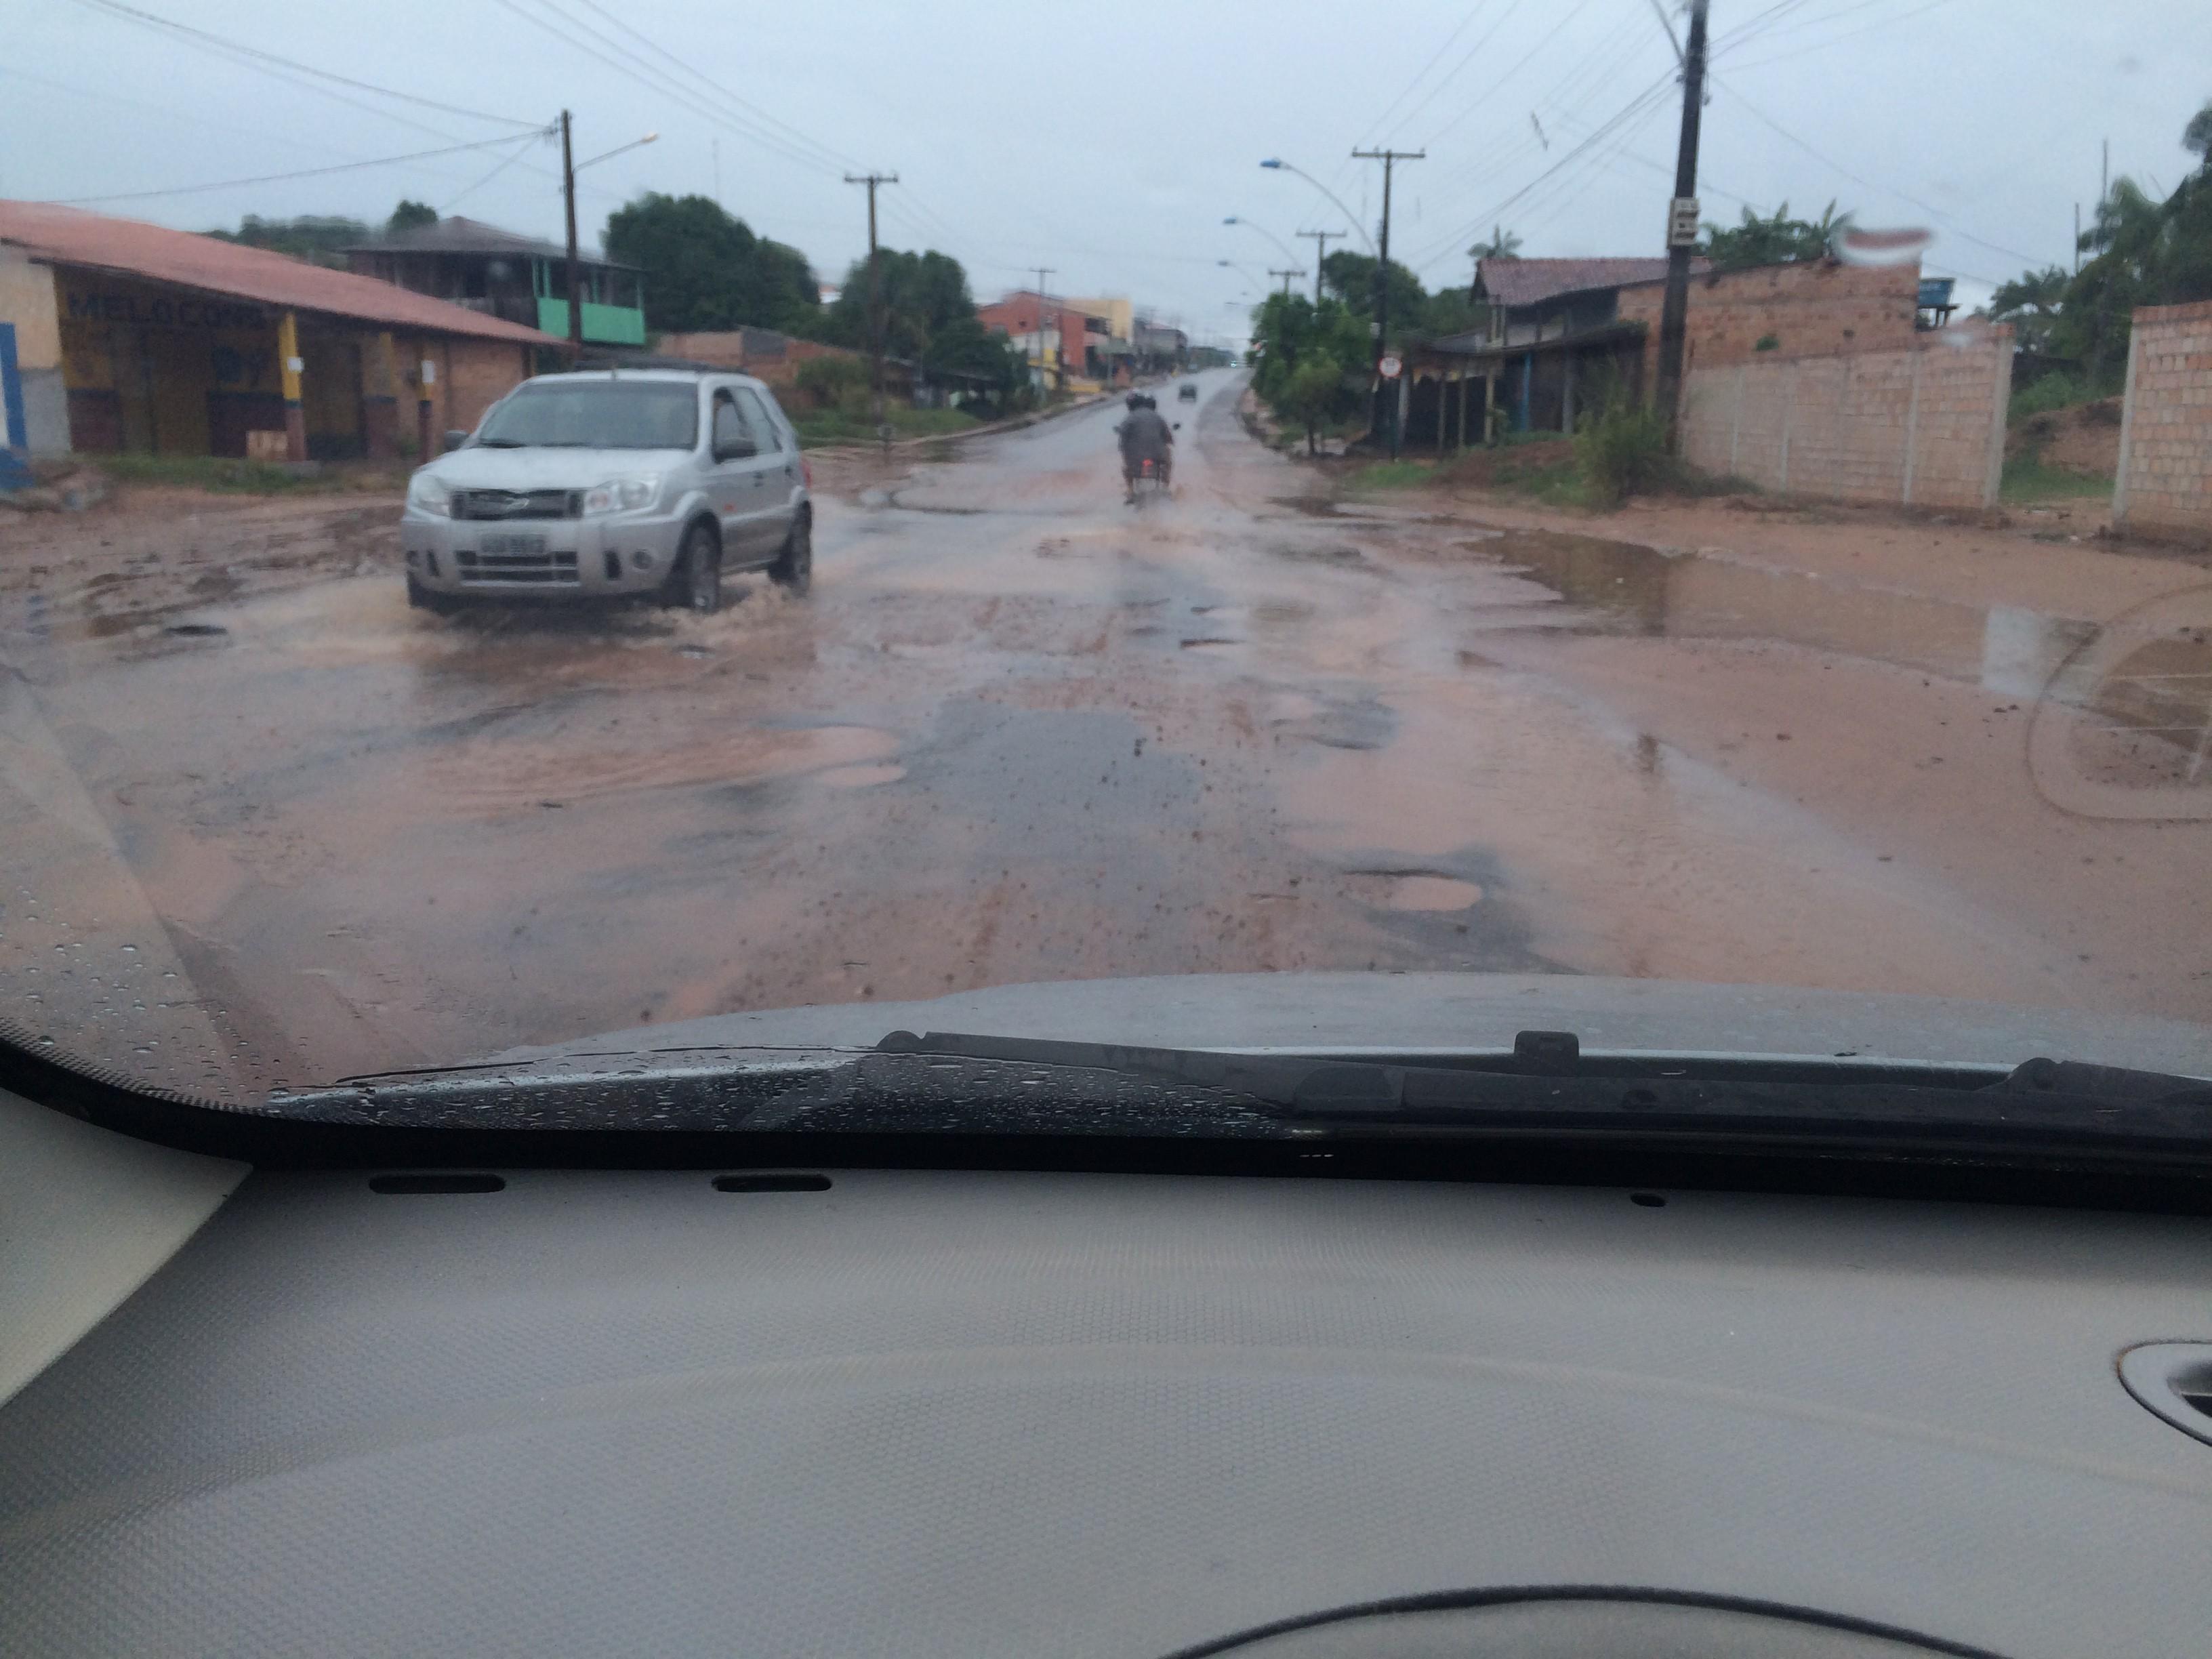 Buracos e lama dificultam trânsito em trecho da Av. Curuá-Una, diz internauta